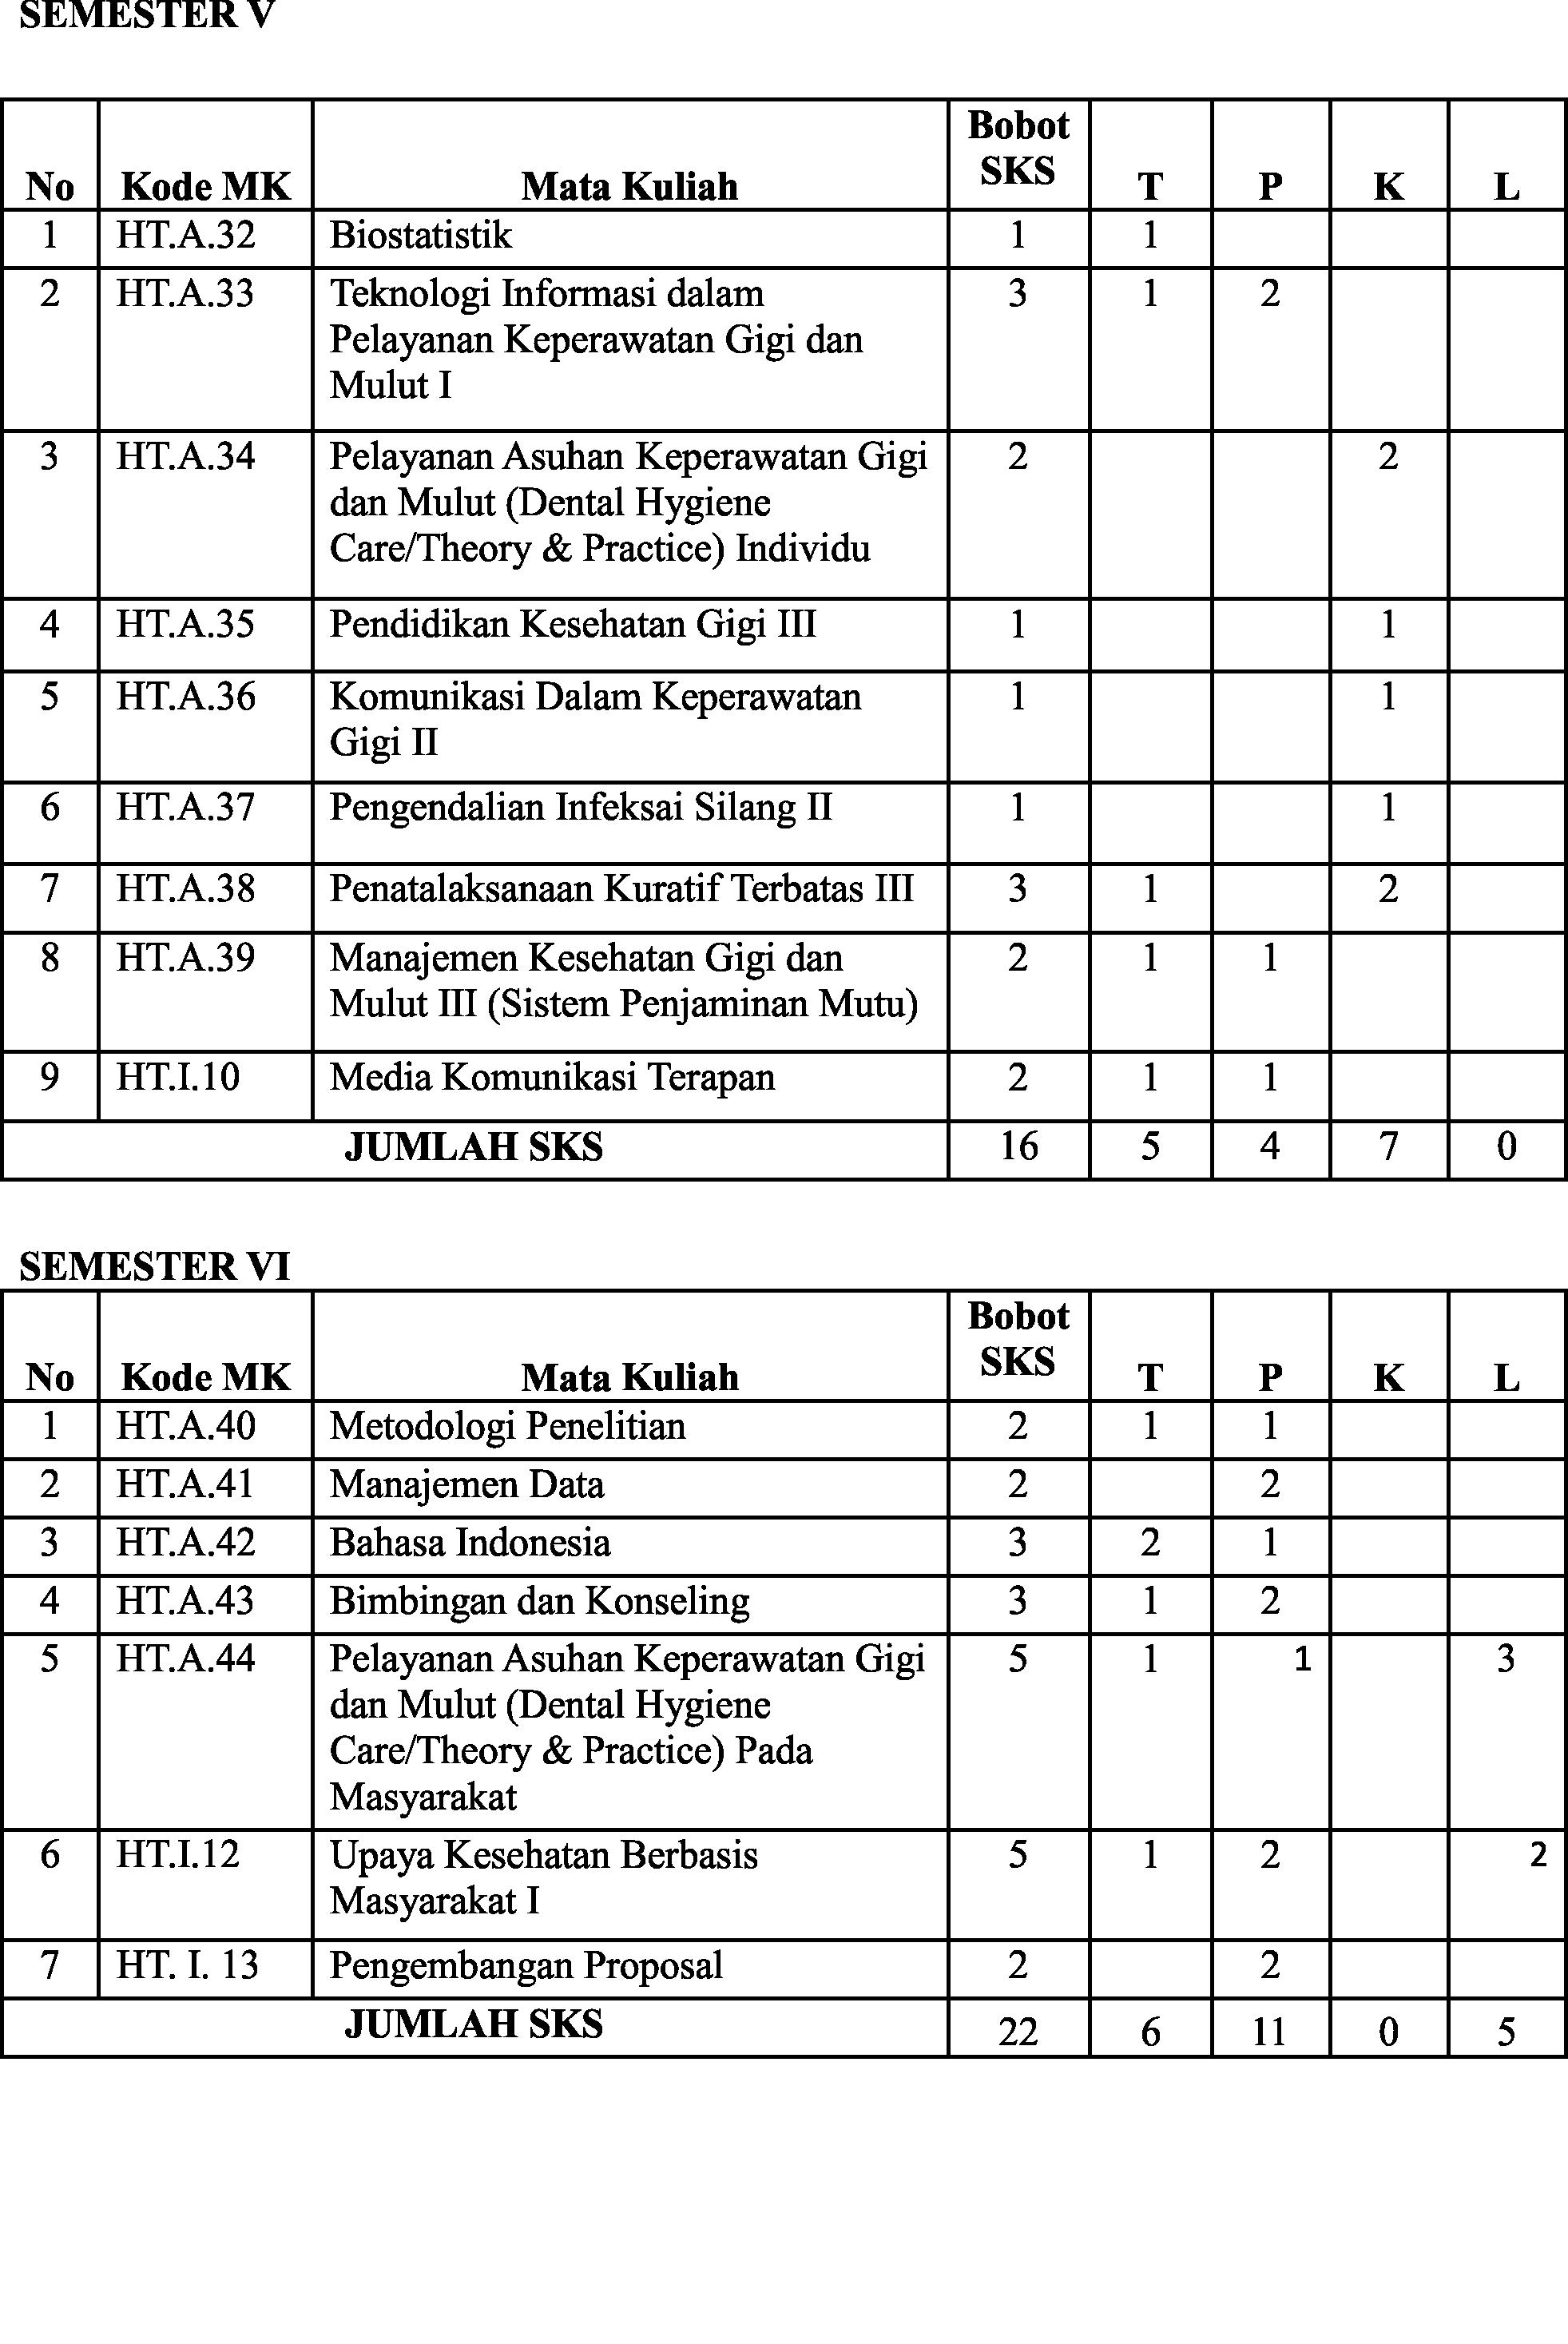 smt 5-6